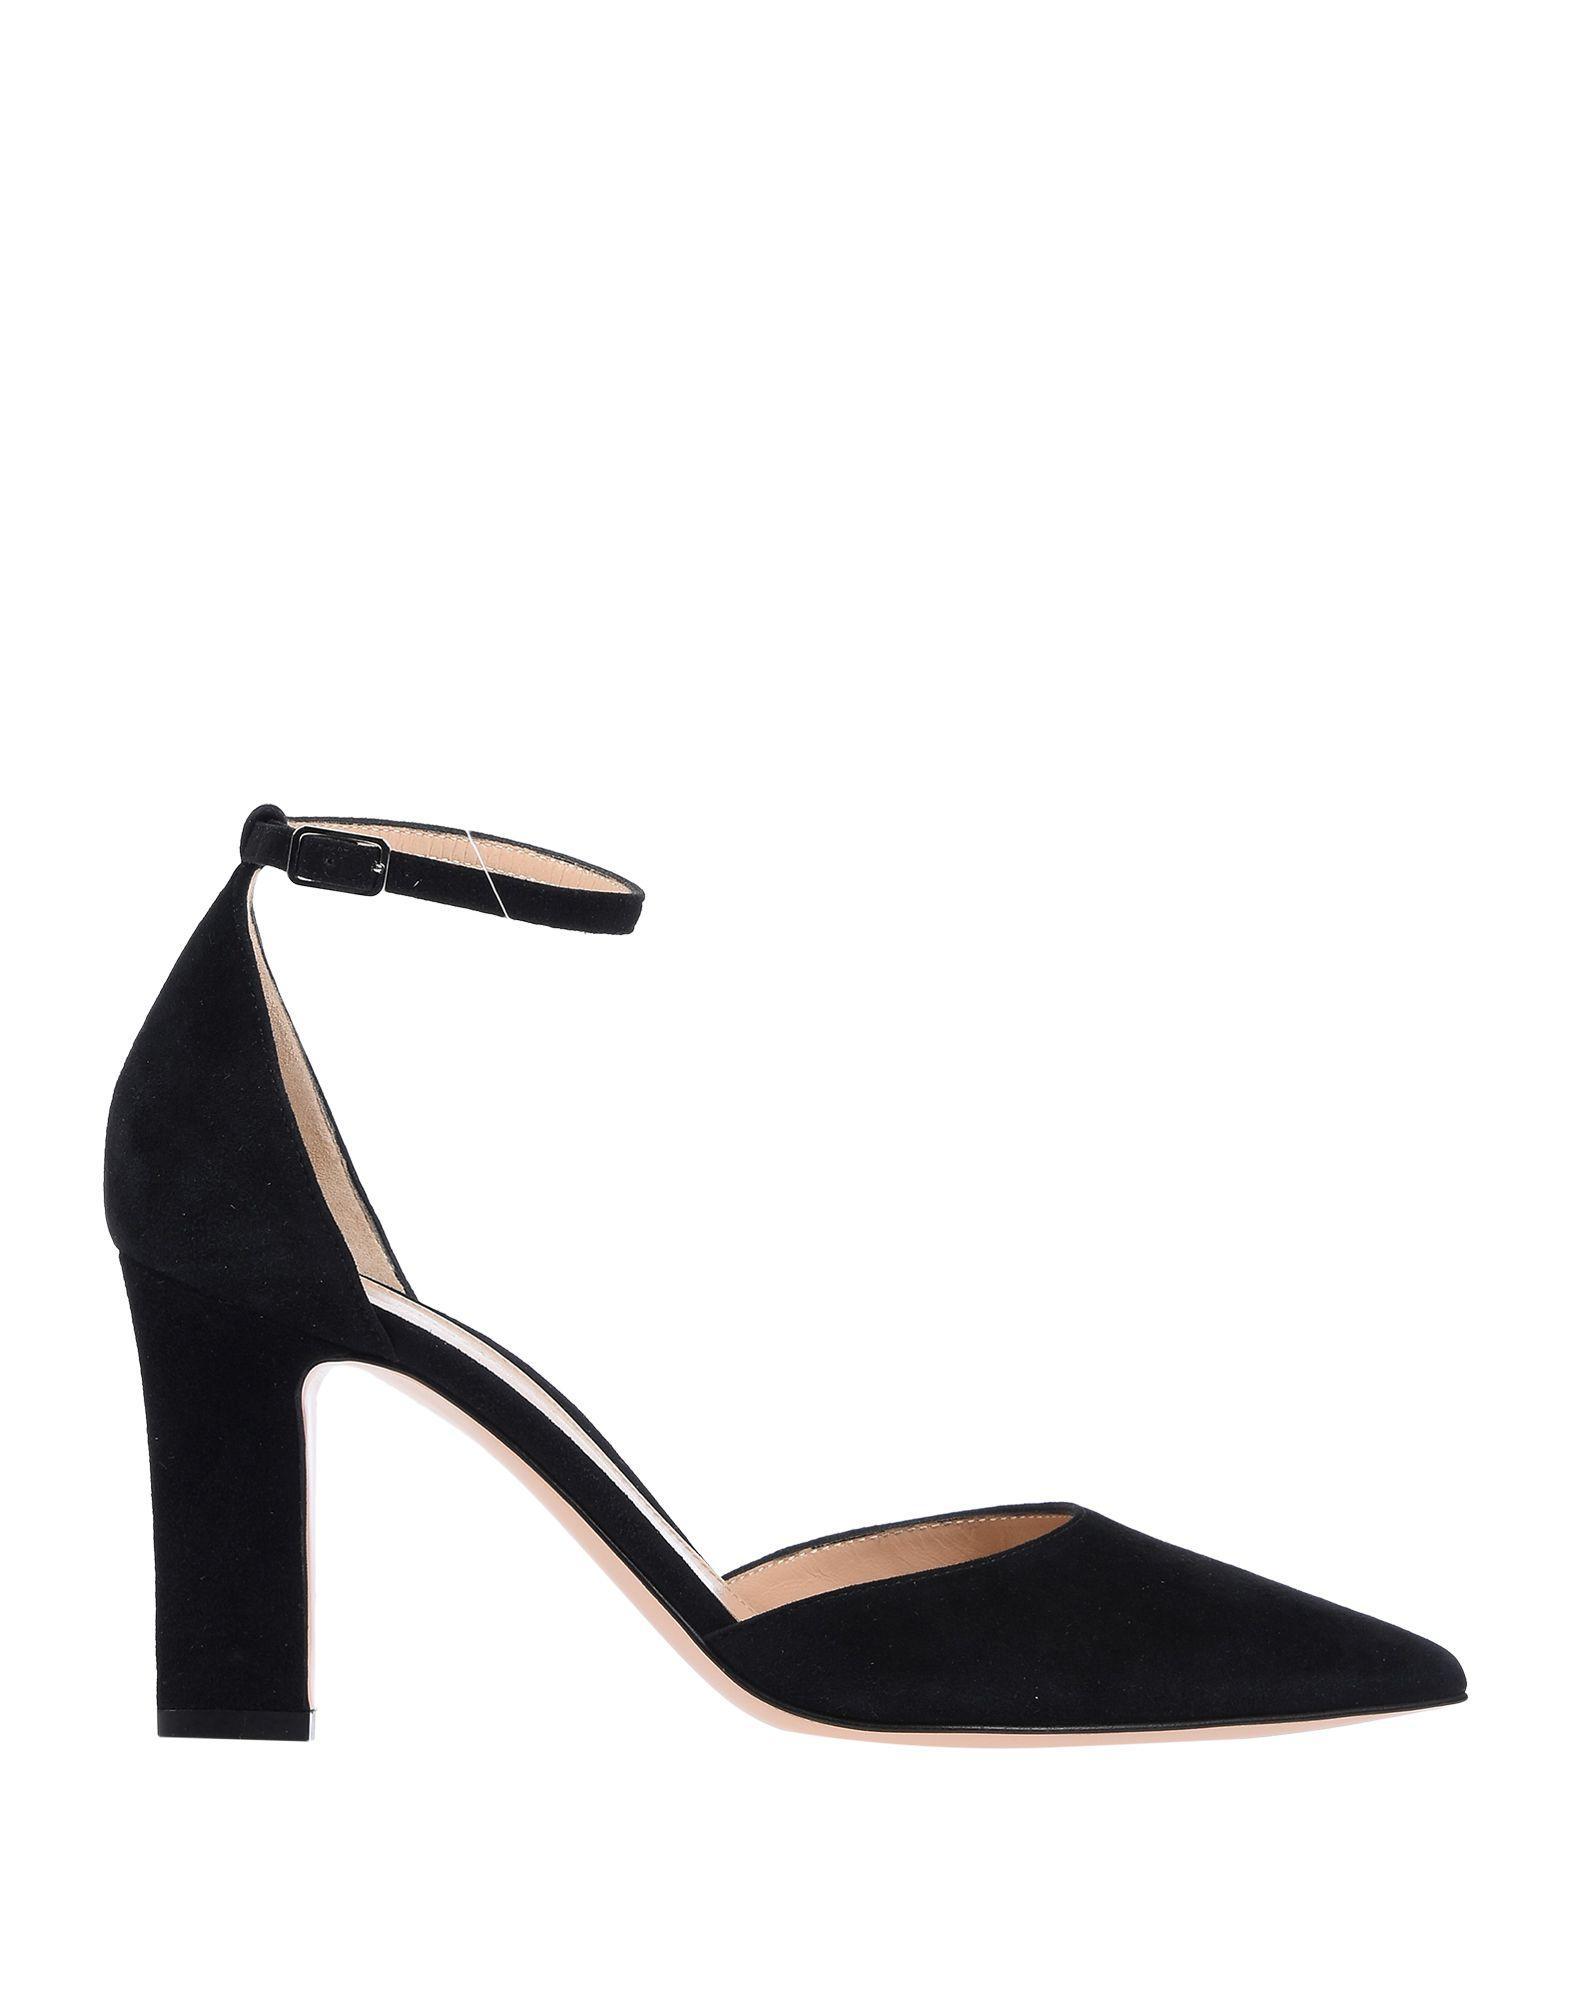 e9c5e03d5436 Lyst - Gianvito Rossi Sandals in Black